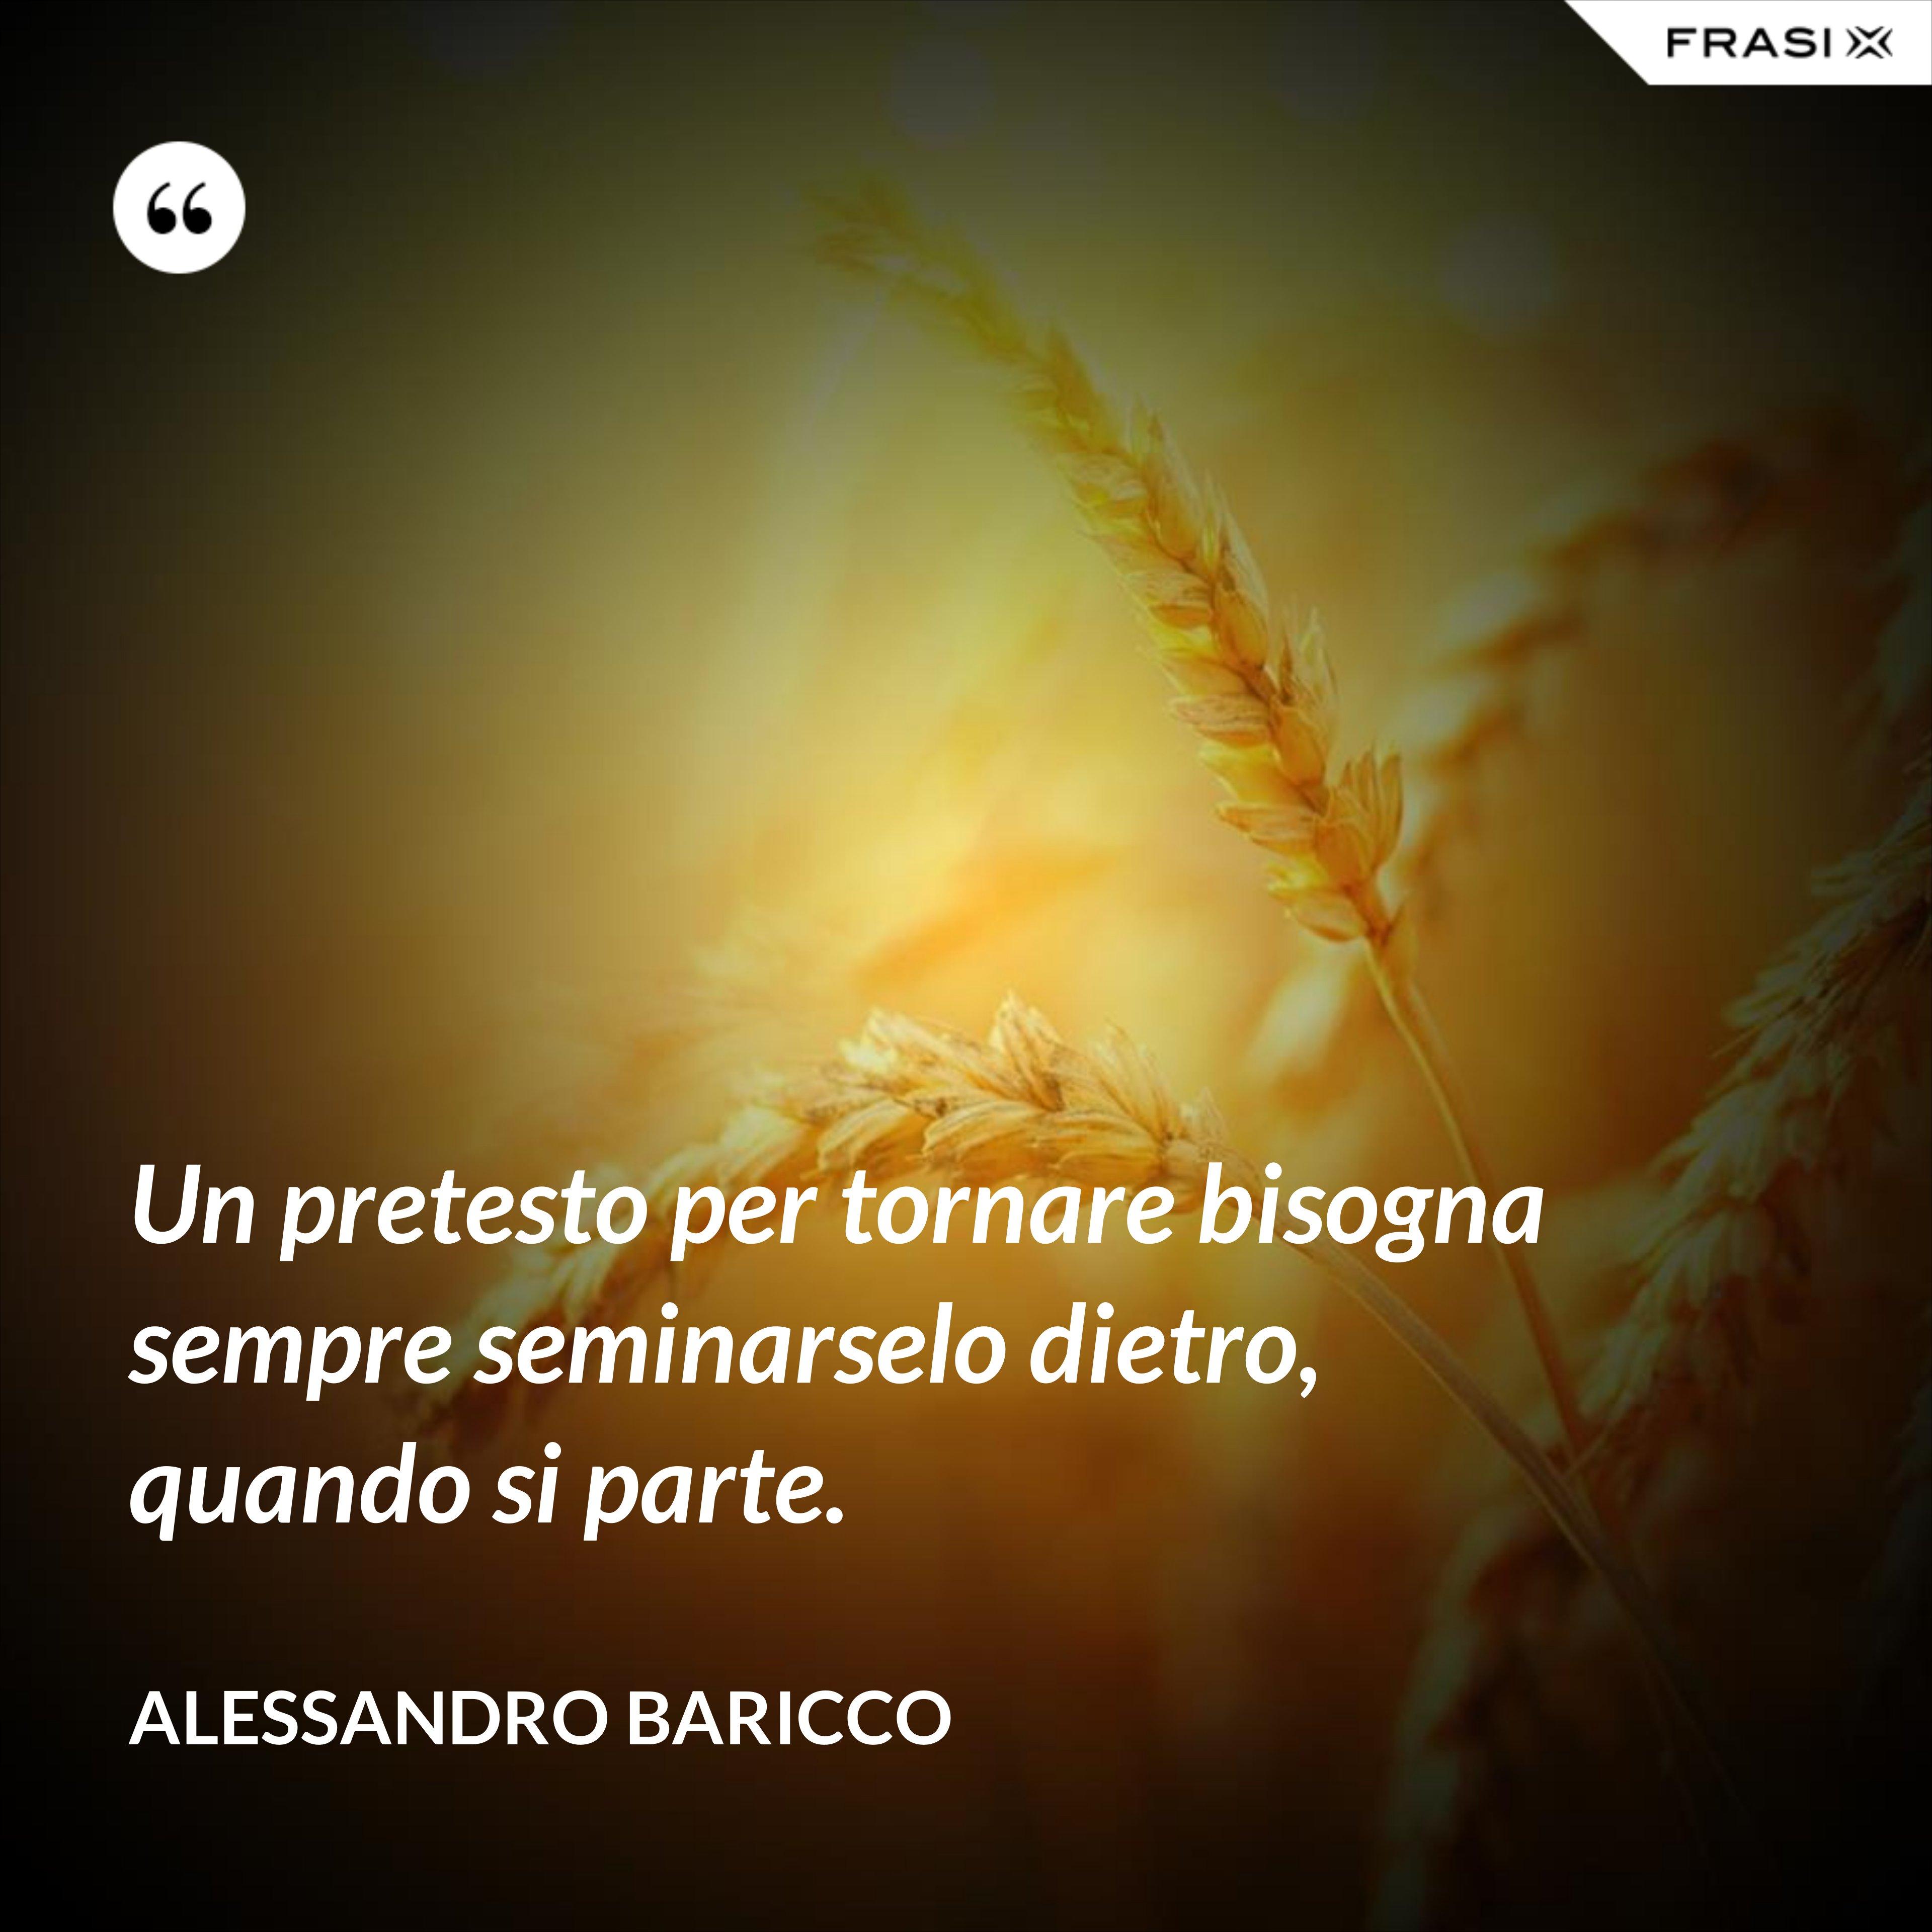 Un pretesto per tornare bisogna sempre seminarselo dietro, quando si parte. - Alessandro Baricco